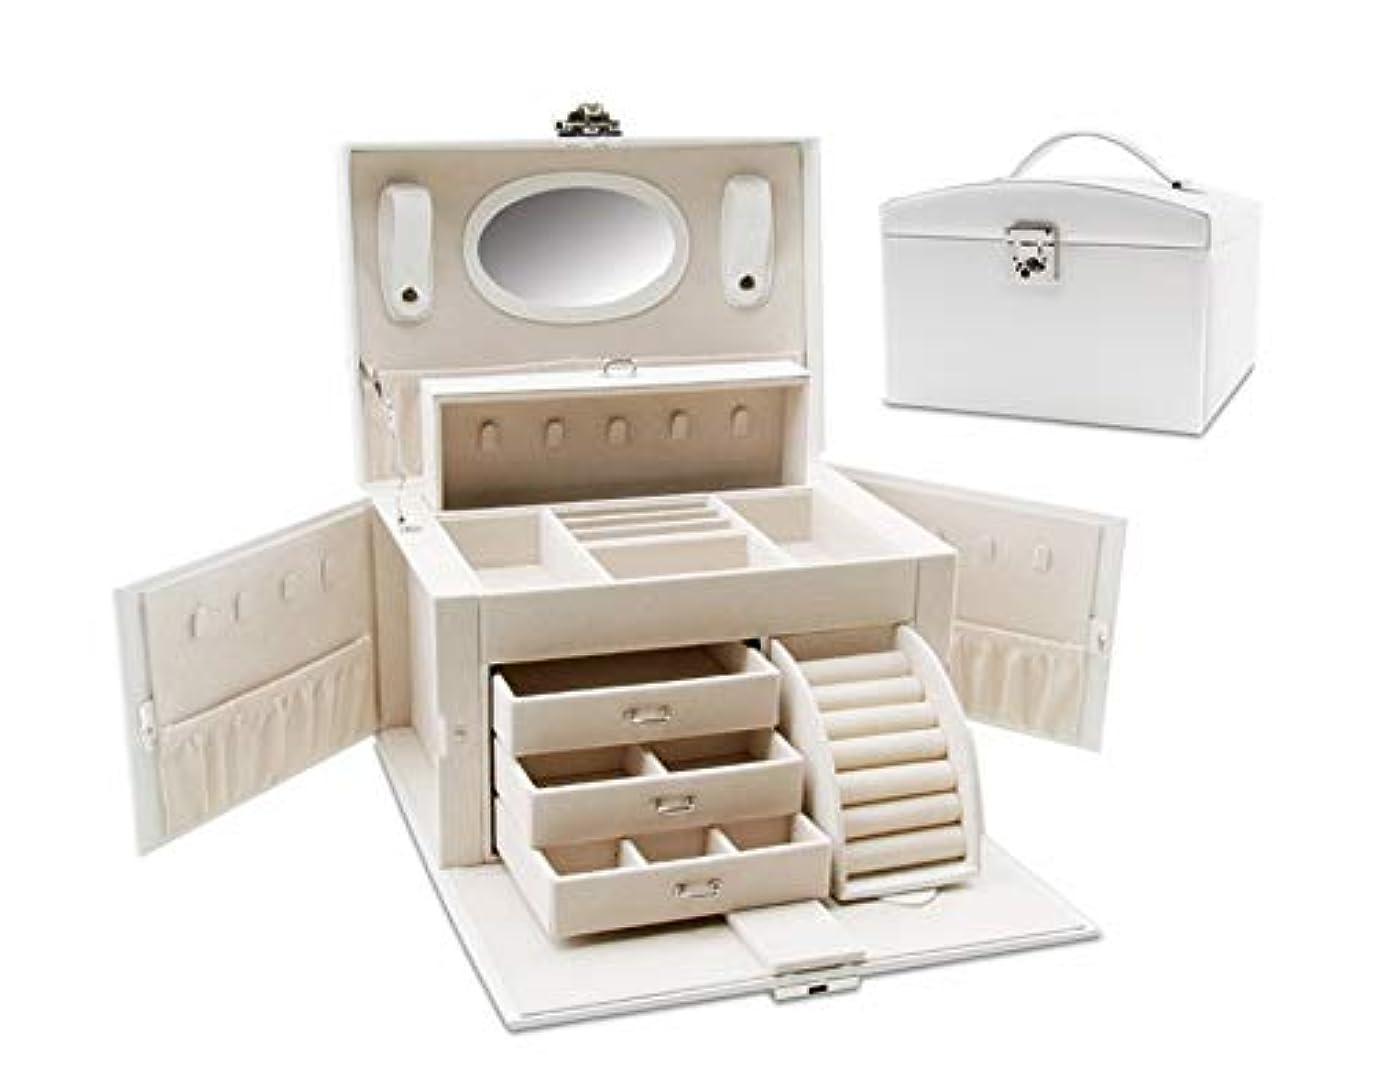 疼痛十年アドバンテージ化粧オーガナイザーバッグ 小さなアイテムのストレージのための丈夫な女性のジュエリーの収納ボックス 化粧品ケース (色 : 白)